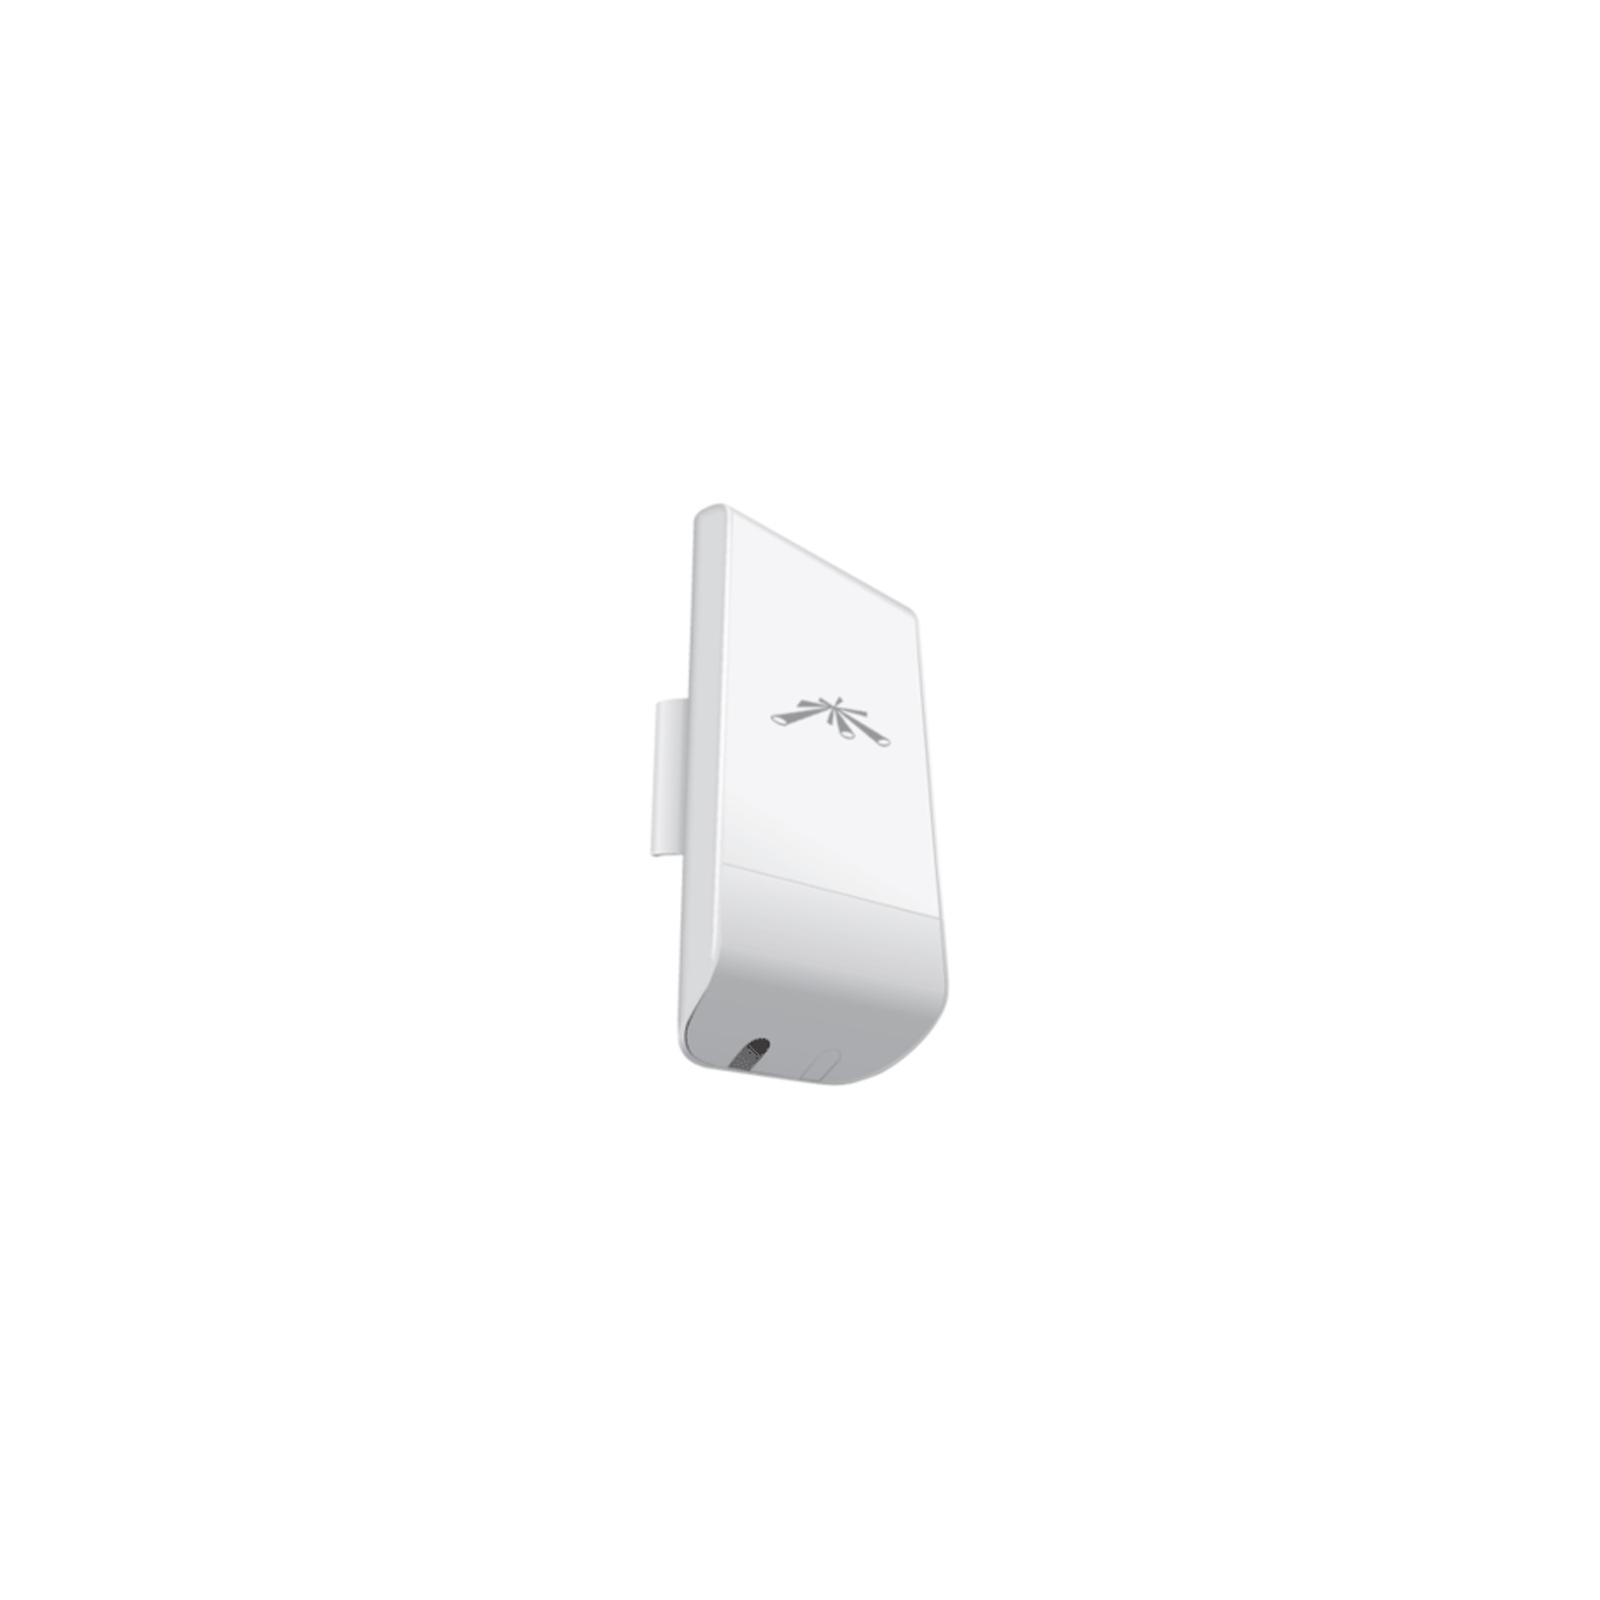 Точка доступа Wi-Fi Ubiquiti LOCO M5